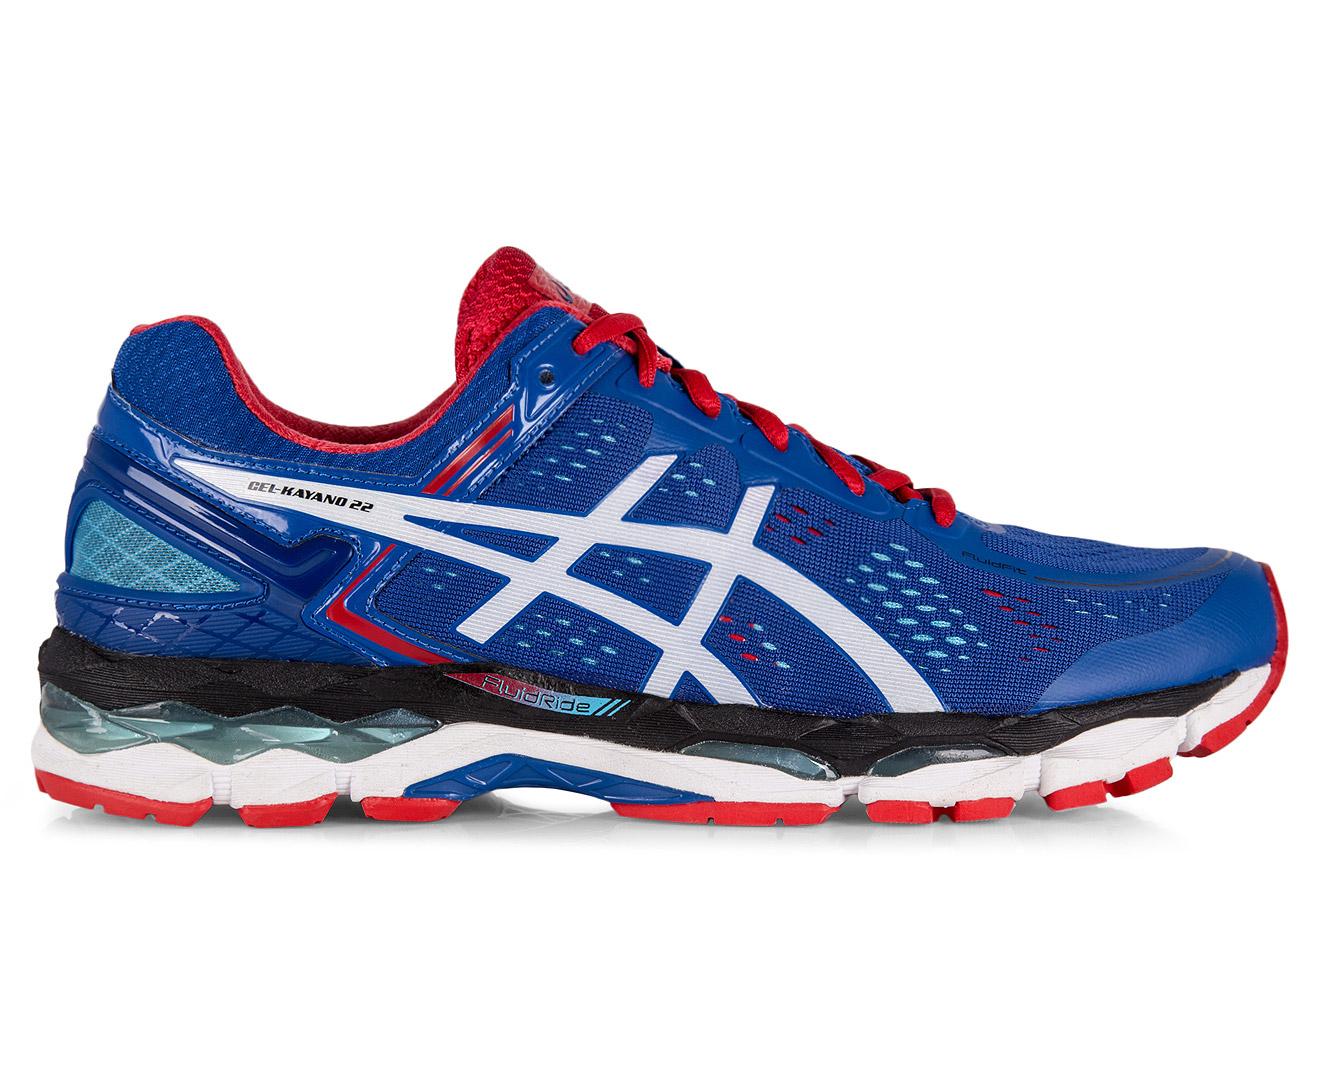 Asics Kayano Shoe Sizes